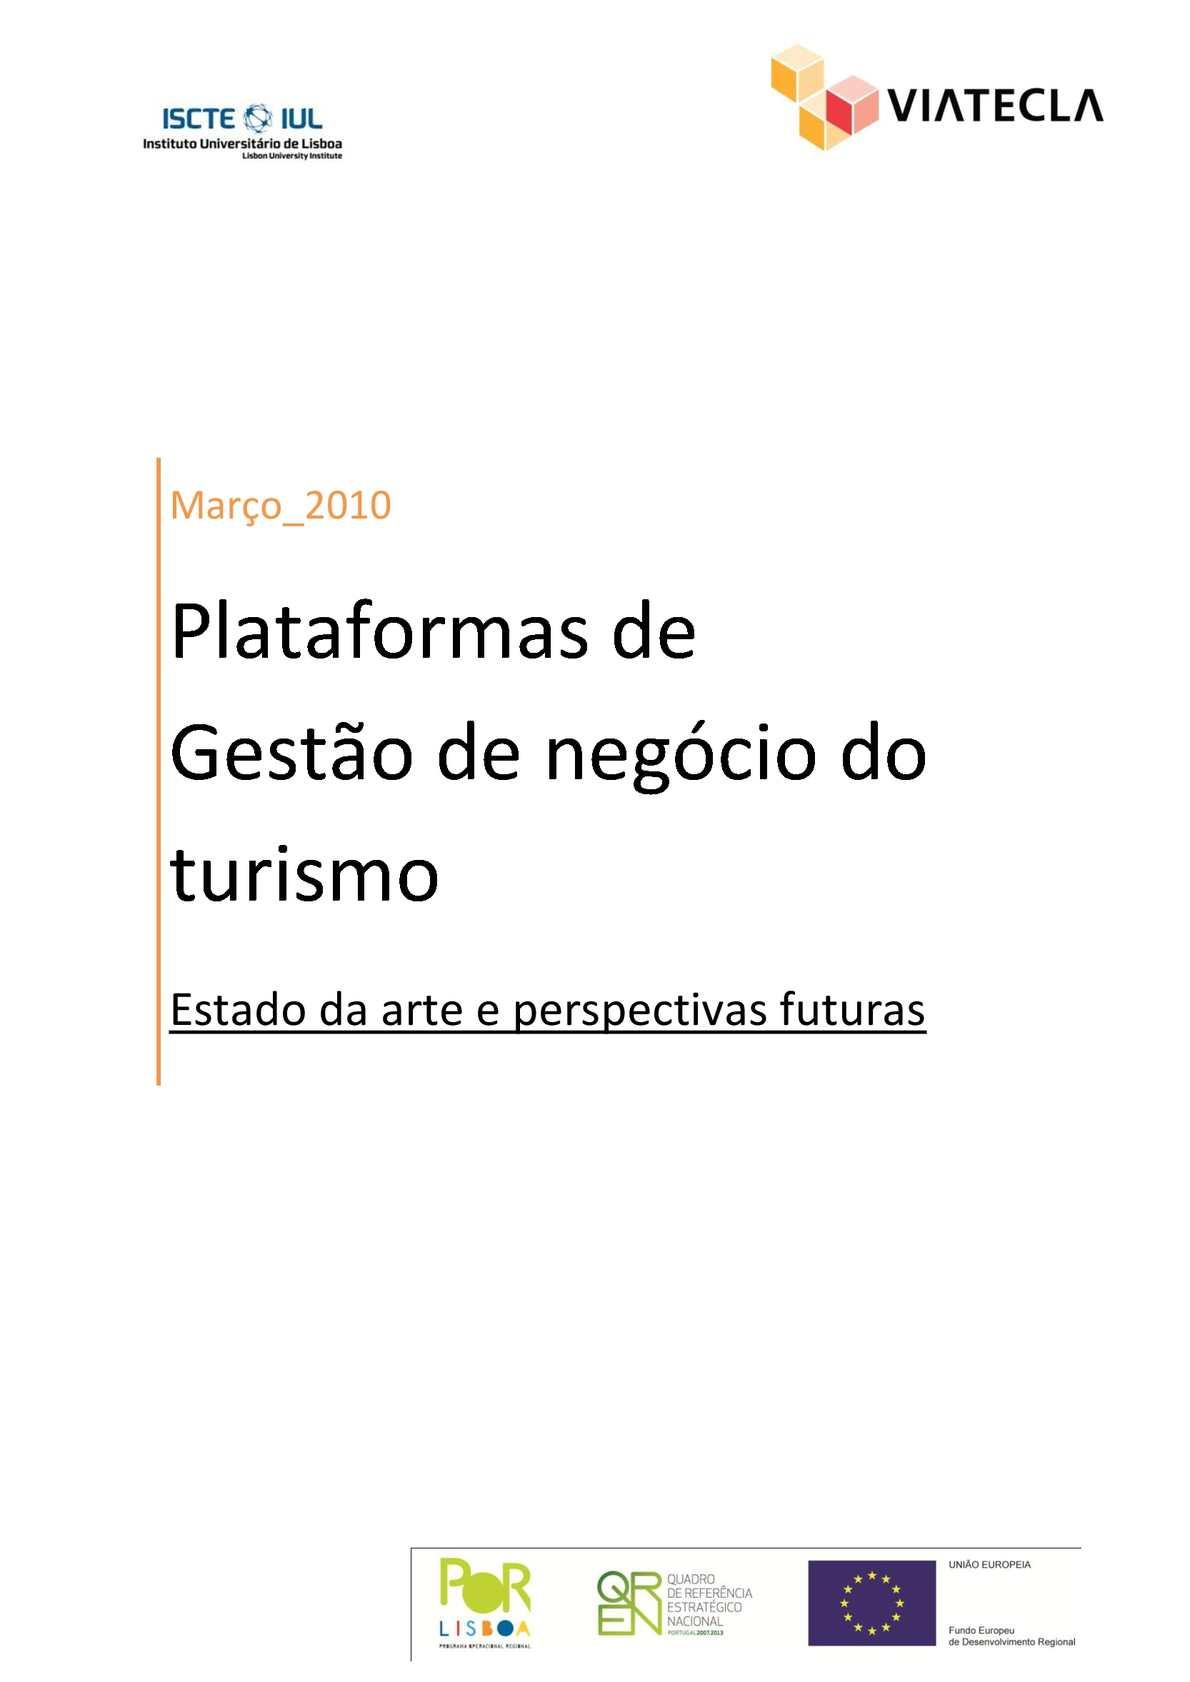 0a3dee254a7d Calaméo - VideoForTravel: Plataformas de Gestão de negócio do turismo